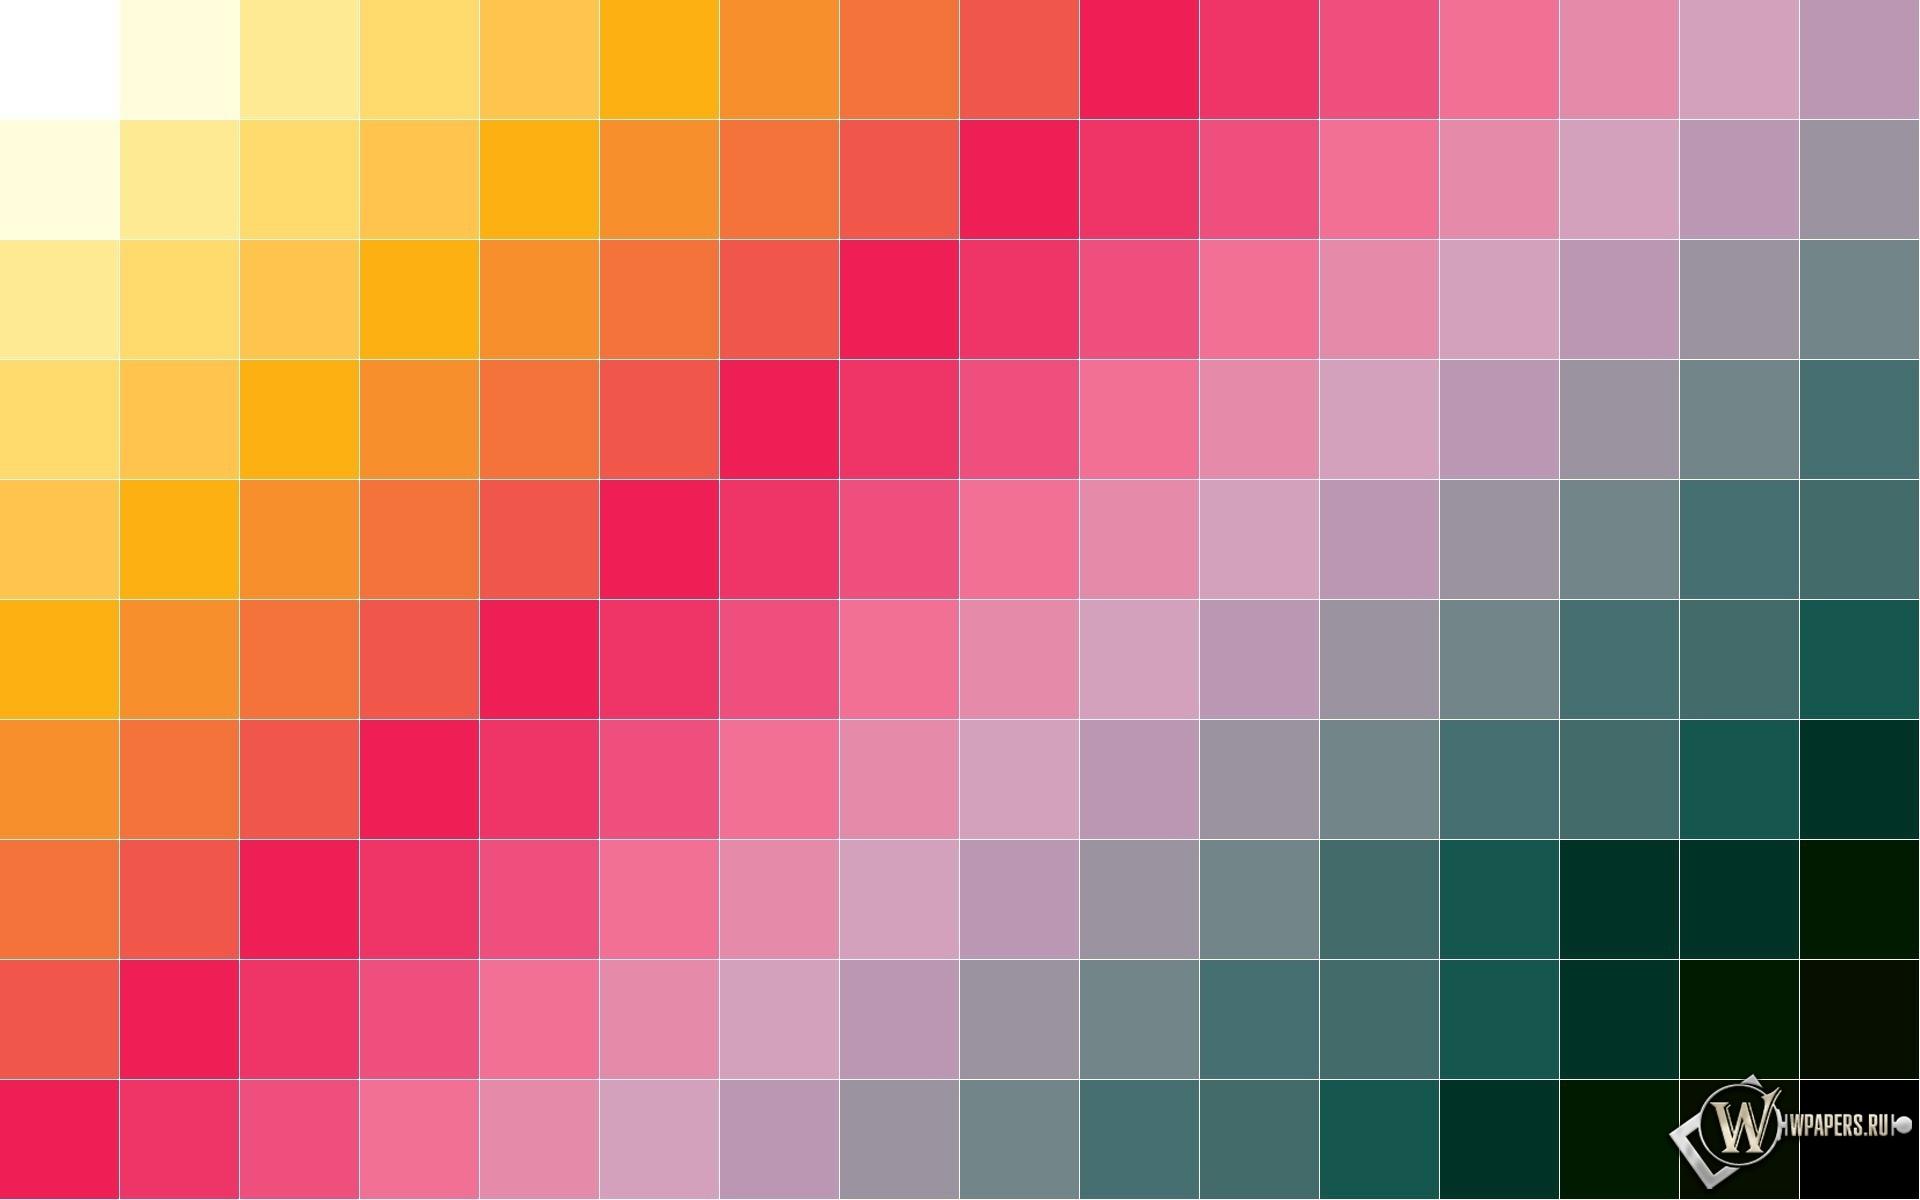 Сетка из квадратов 1920x1200